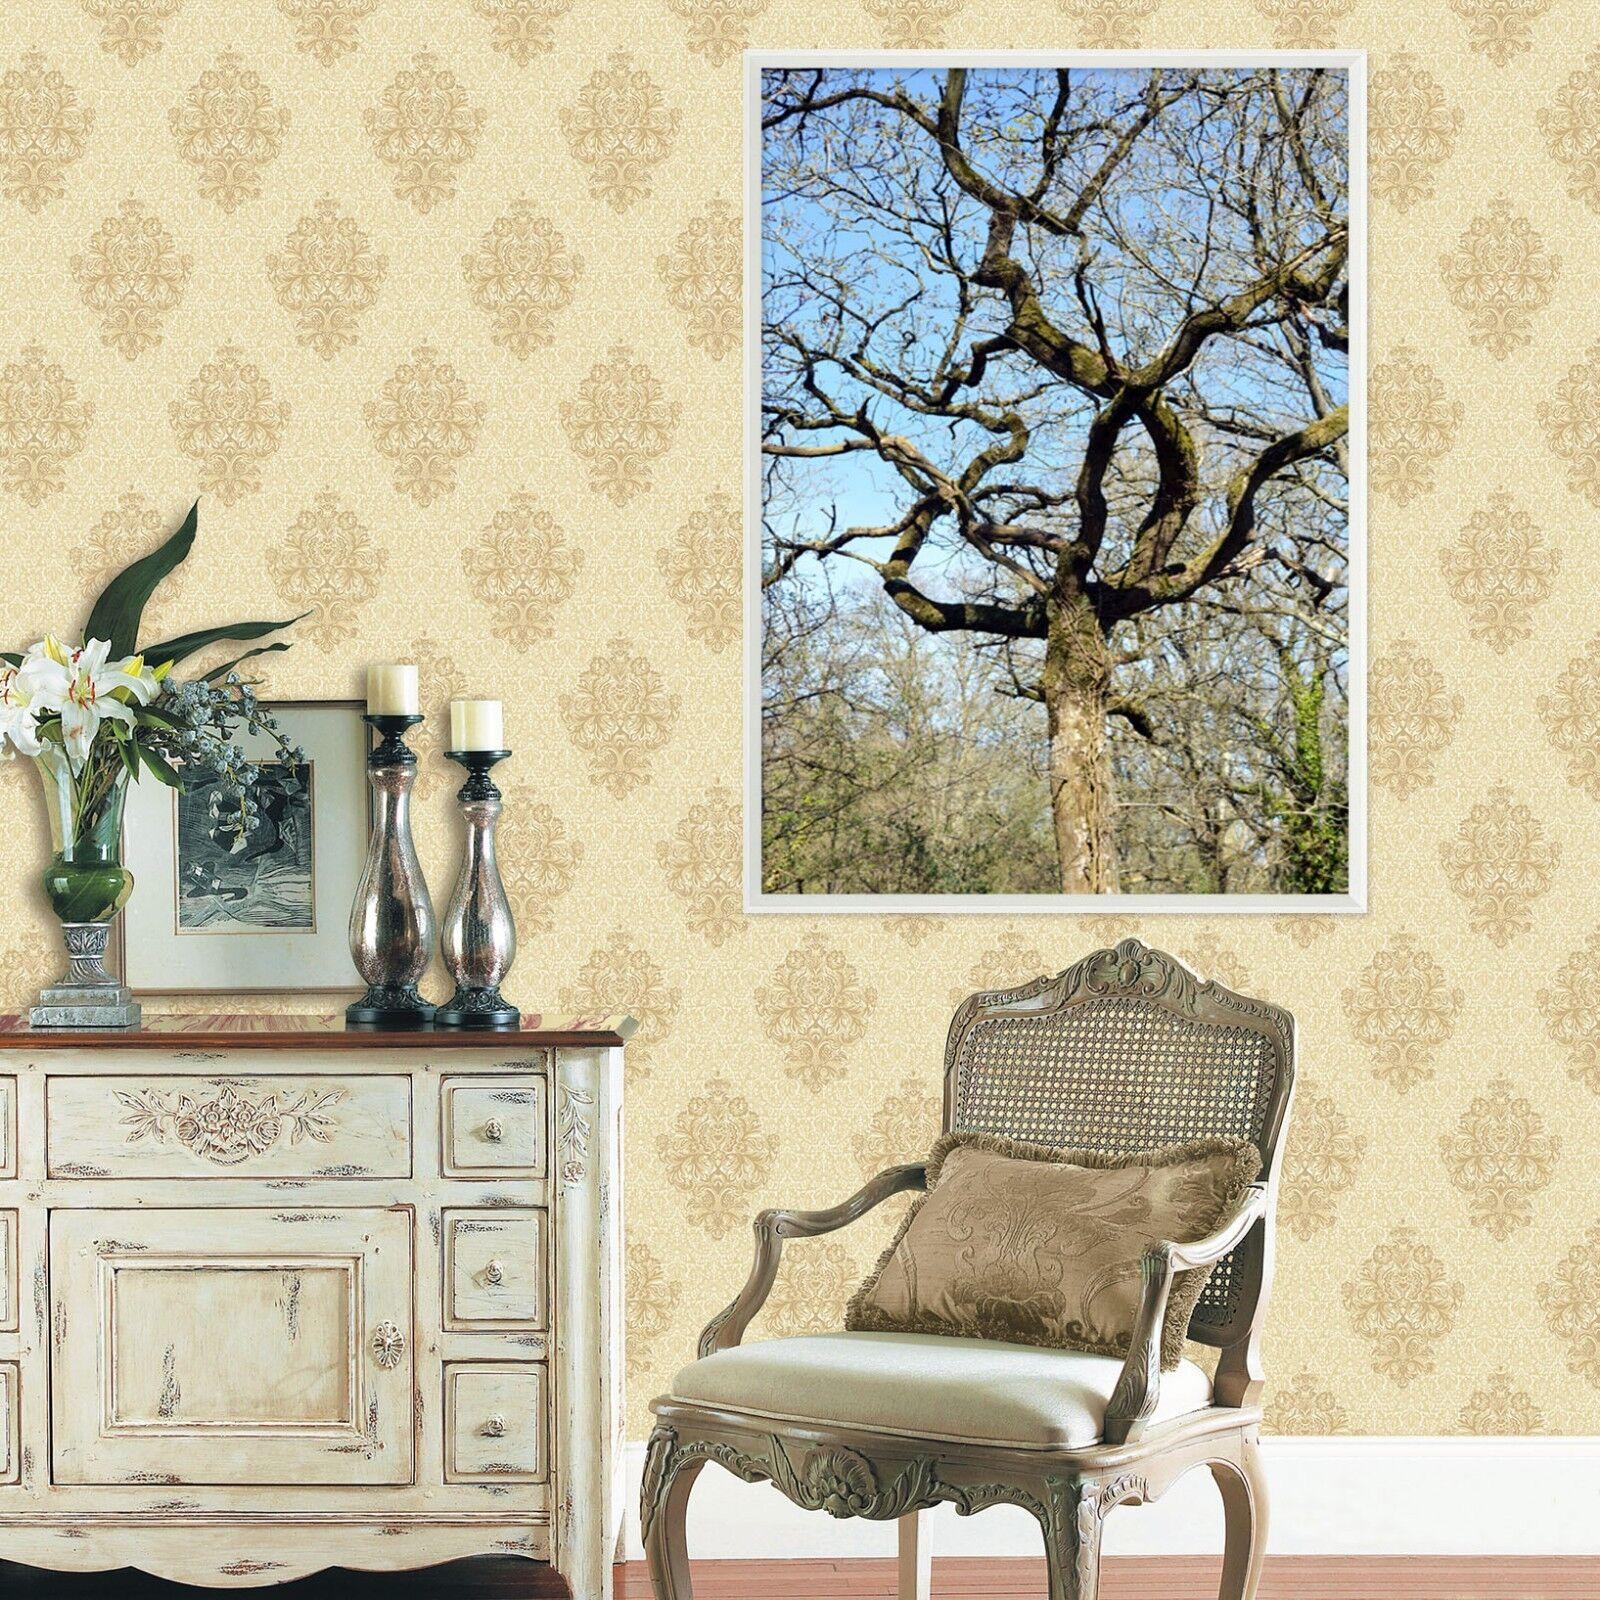 3D Strange Tree 69 Framed Poster Home Decor Print Painting Art AJ UK